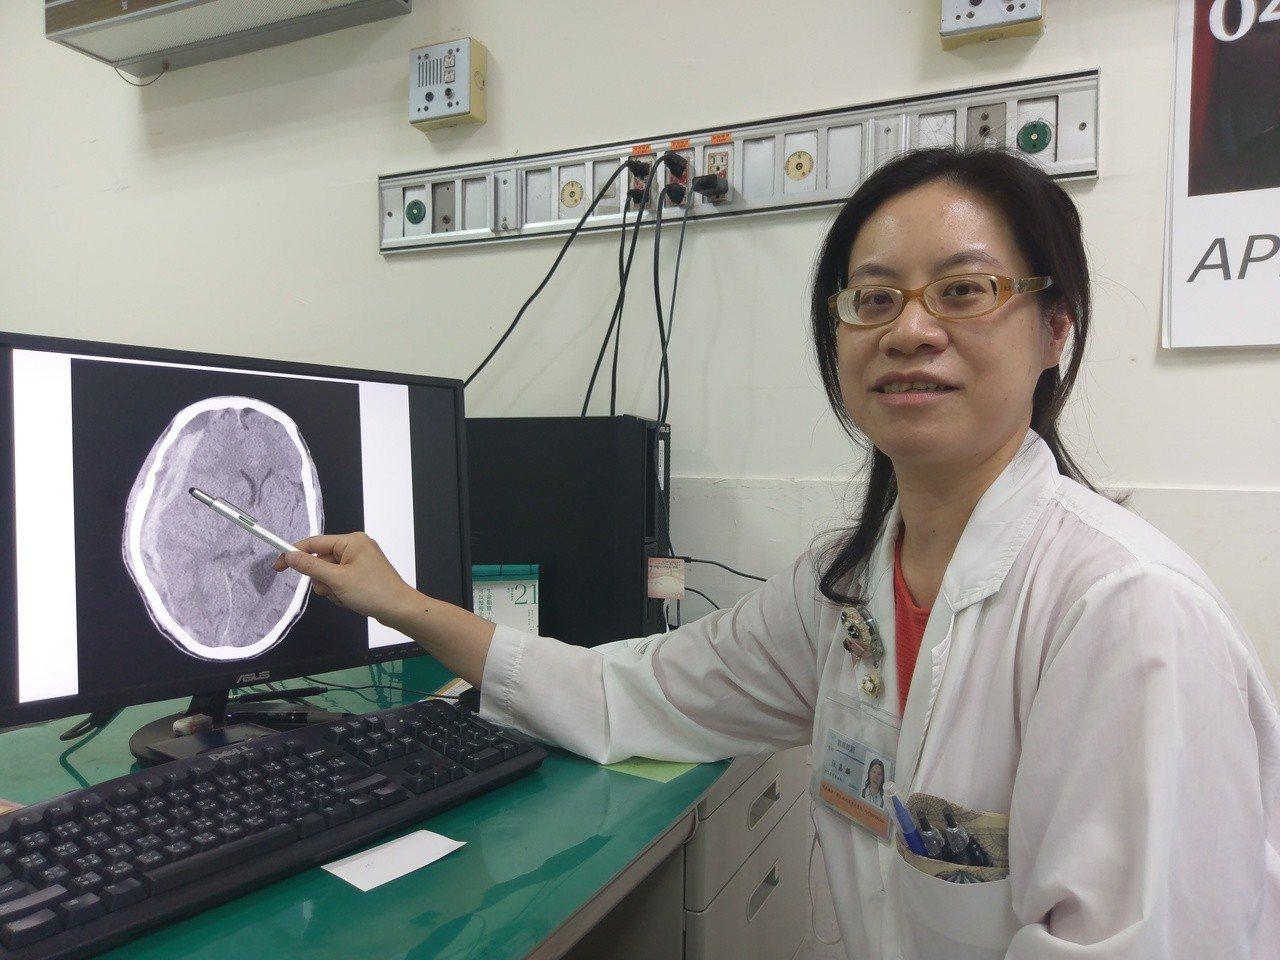 衛福部豐原醫院血液腫瘤科醫師張嘉麟表示,血友病患者本身的凝血功能不好,嚴重者需要...